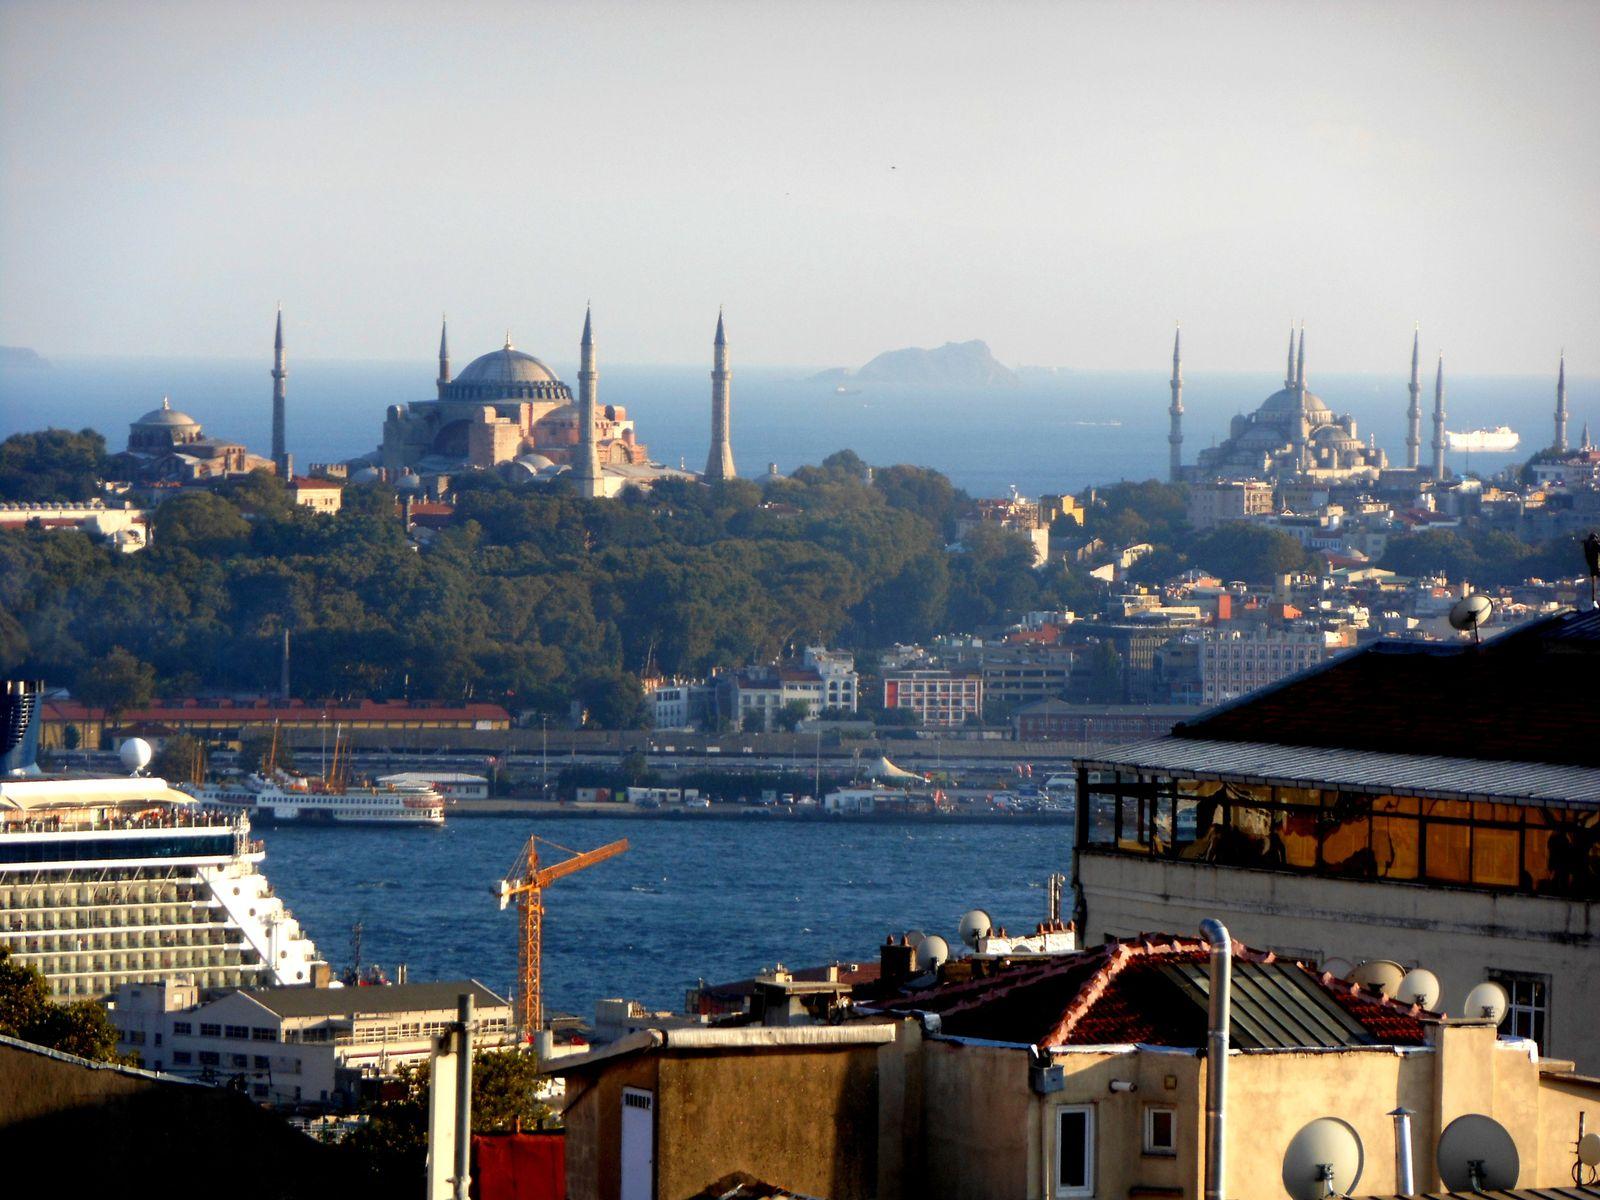 ALBUM - TURQUIE 2014 : ISTANBUL